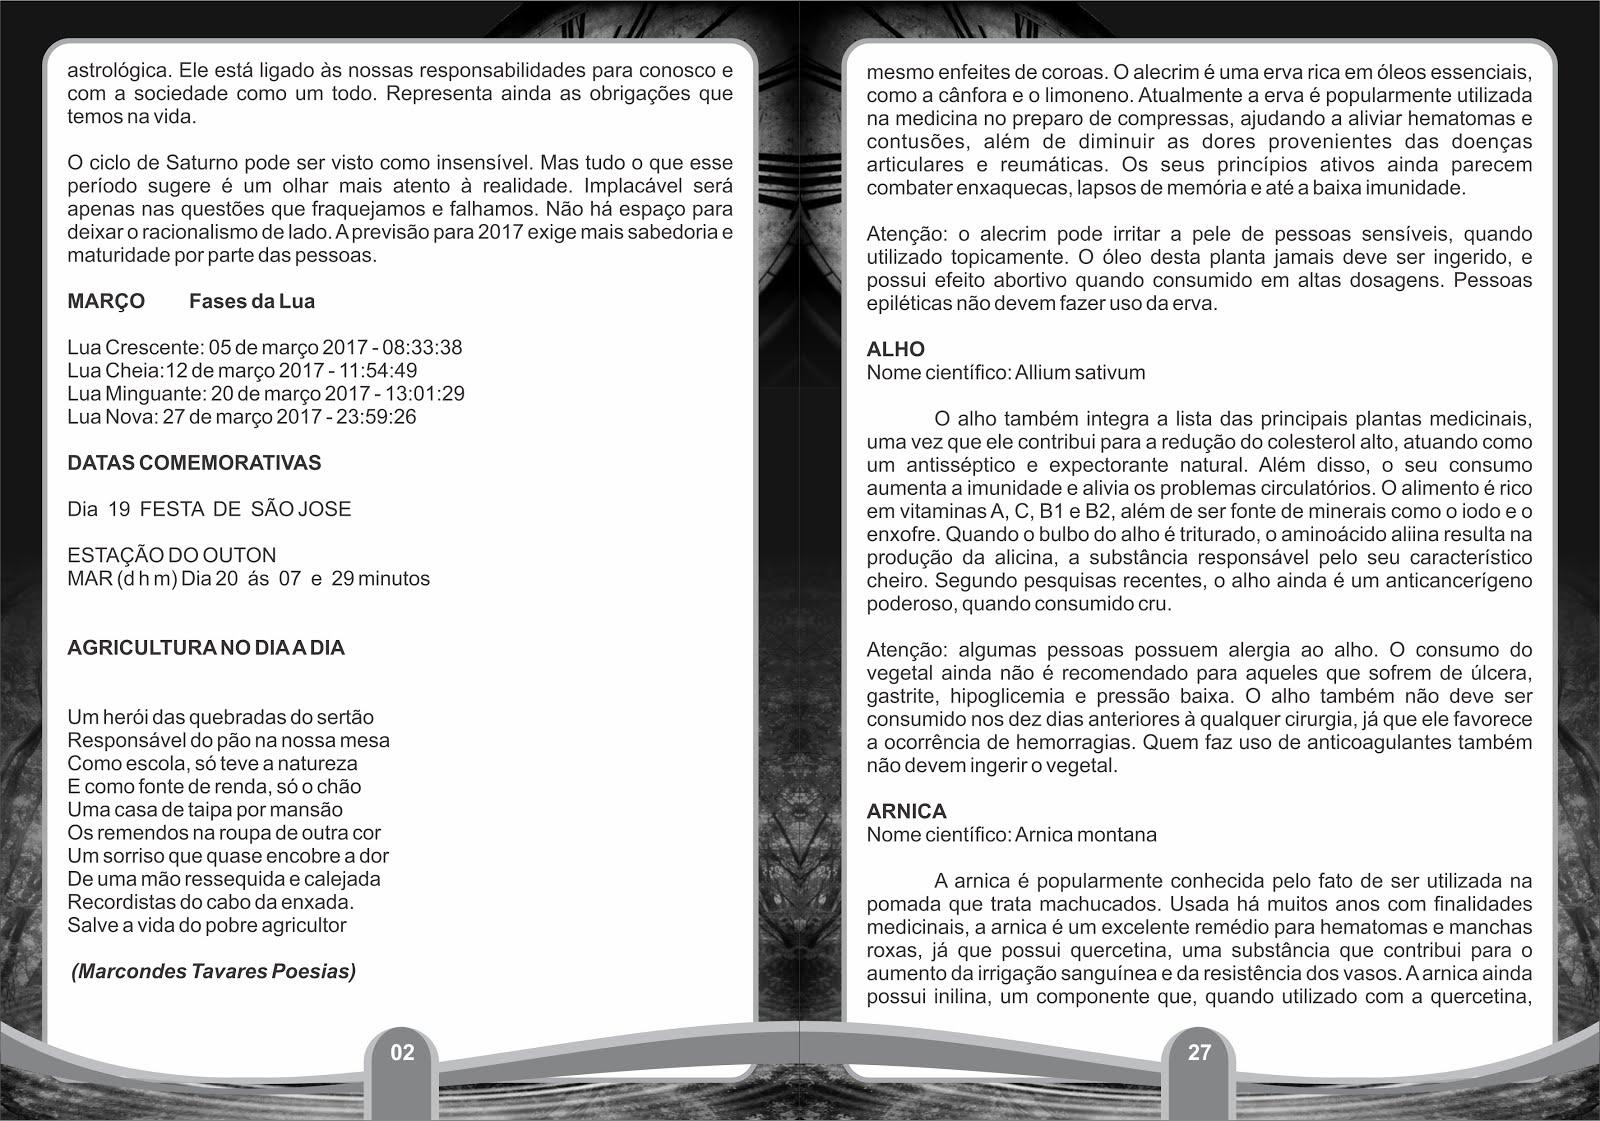 02 EXPOSITOR DE ALGUMAS PÁGINAS DOS  NOSSOS TRIGÉSIMO SEGUNDO ANO DE PUBLICAÇÕES